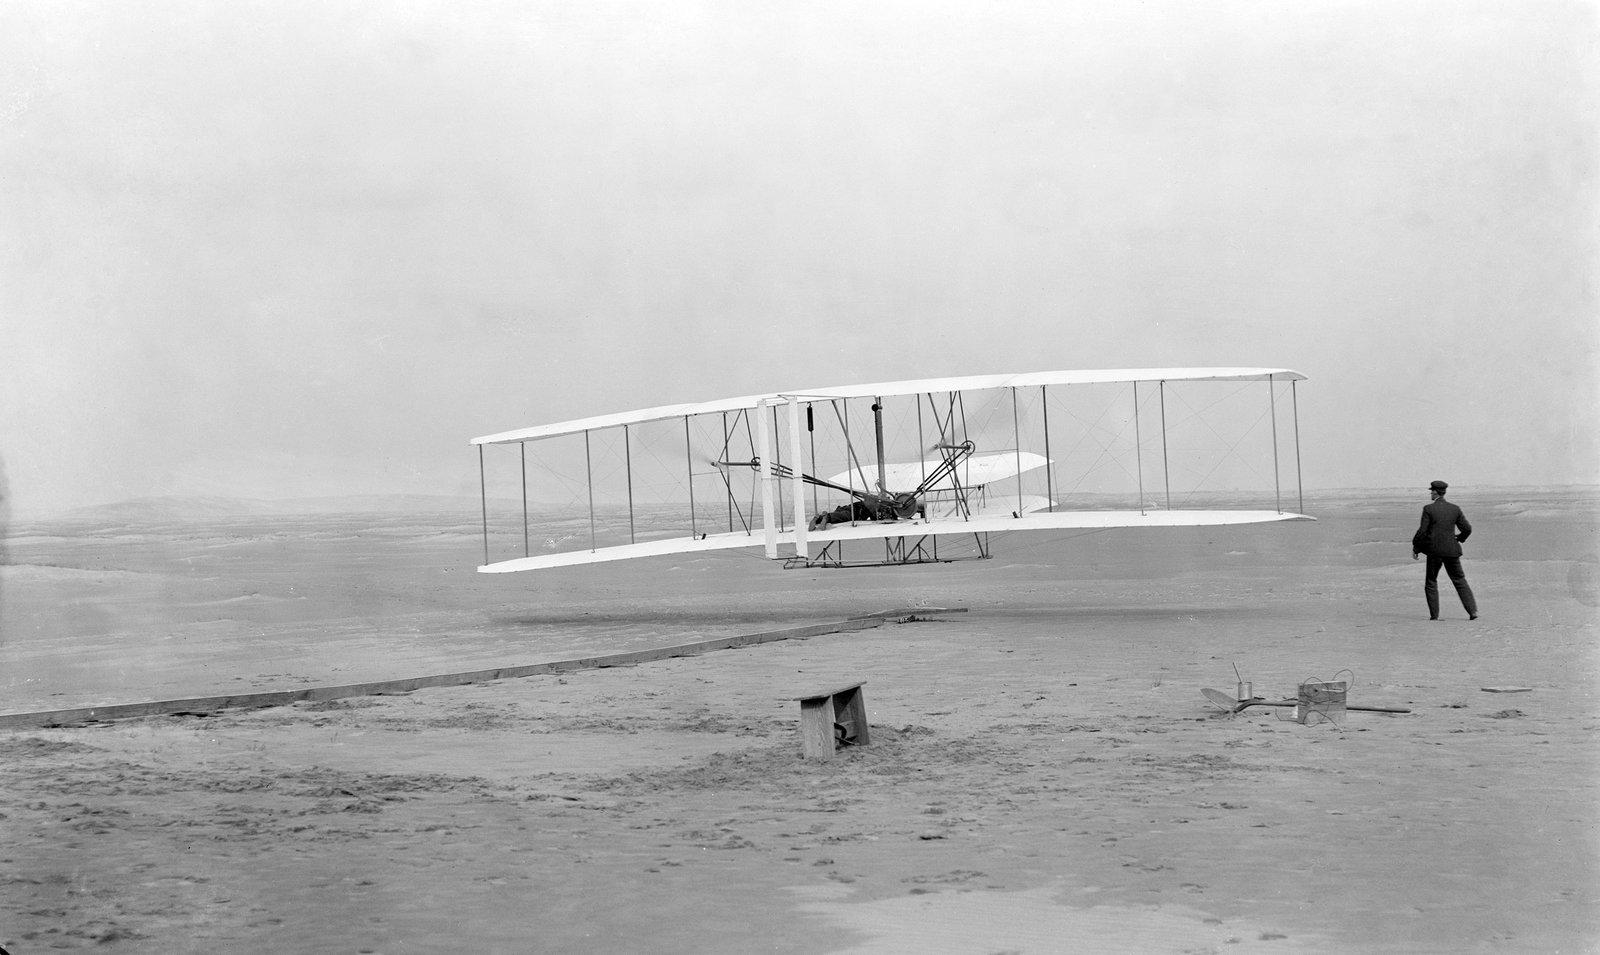 Pierwszy udany lot Wright Flyer Źródło: John T. Daniels, Pierwszy udany lot Wright Flyer, 1903, domena publiczna.